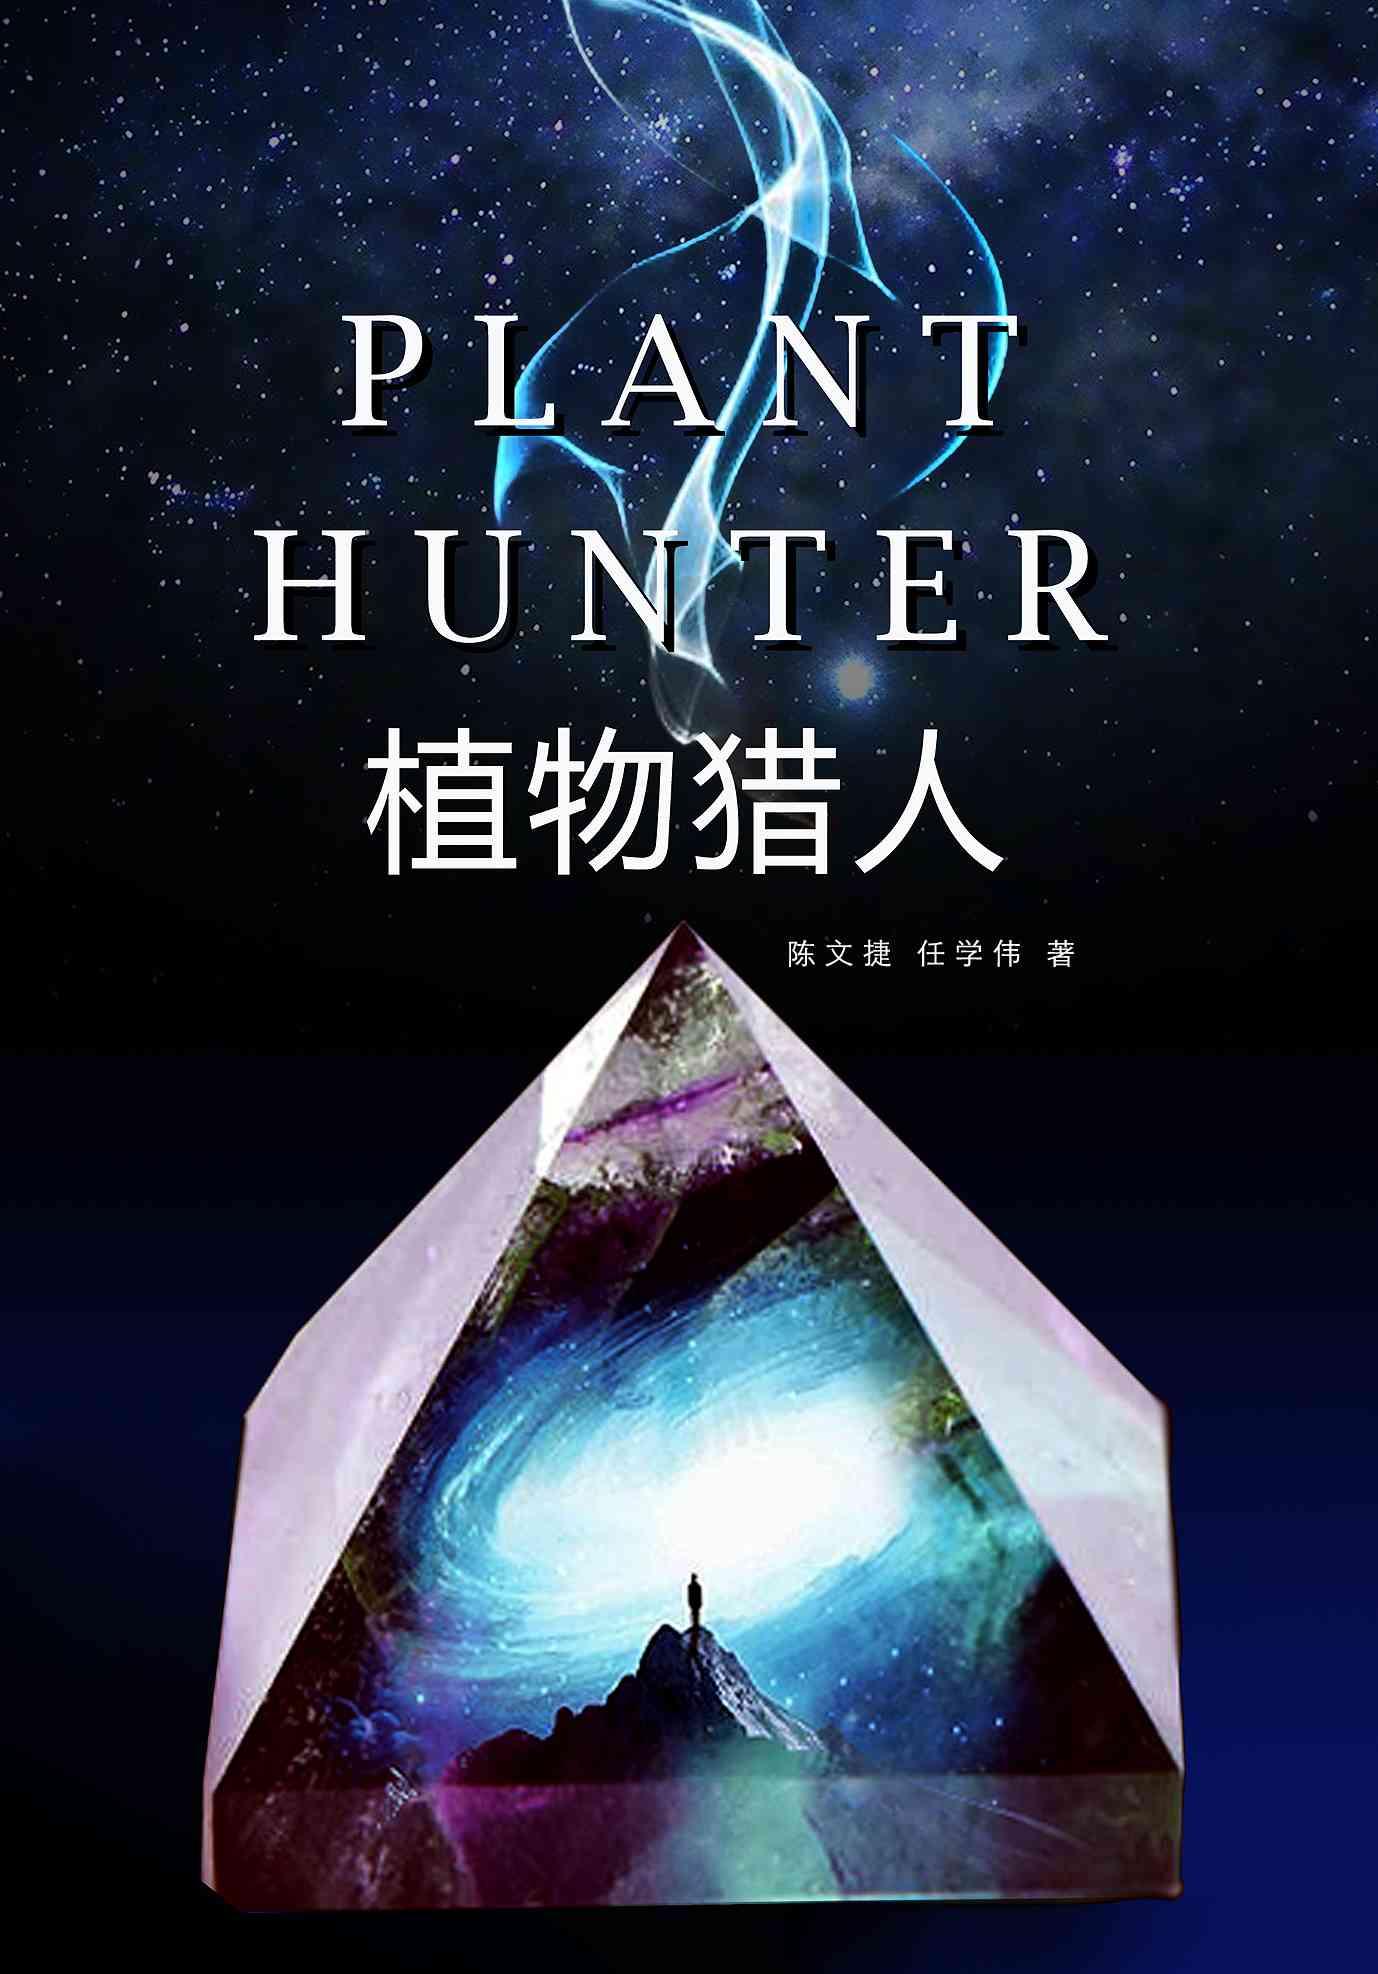 植物猎人 陈文捷 任学伟著